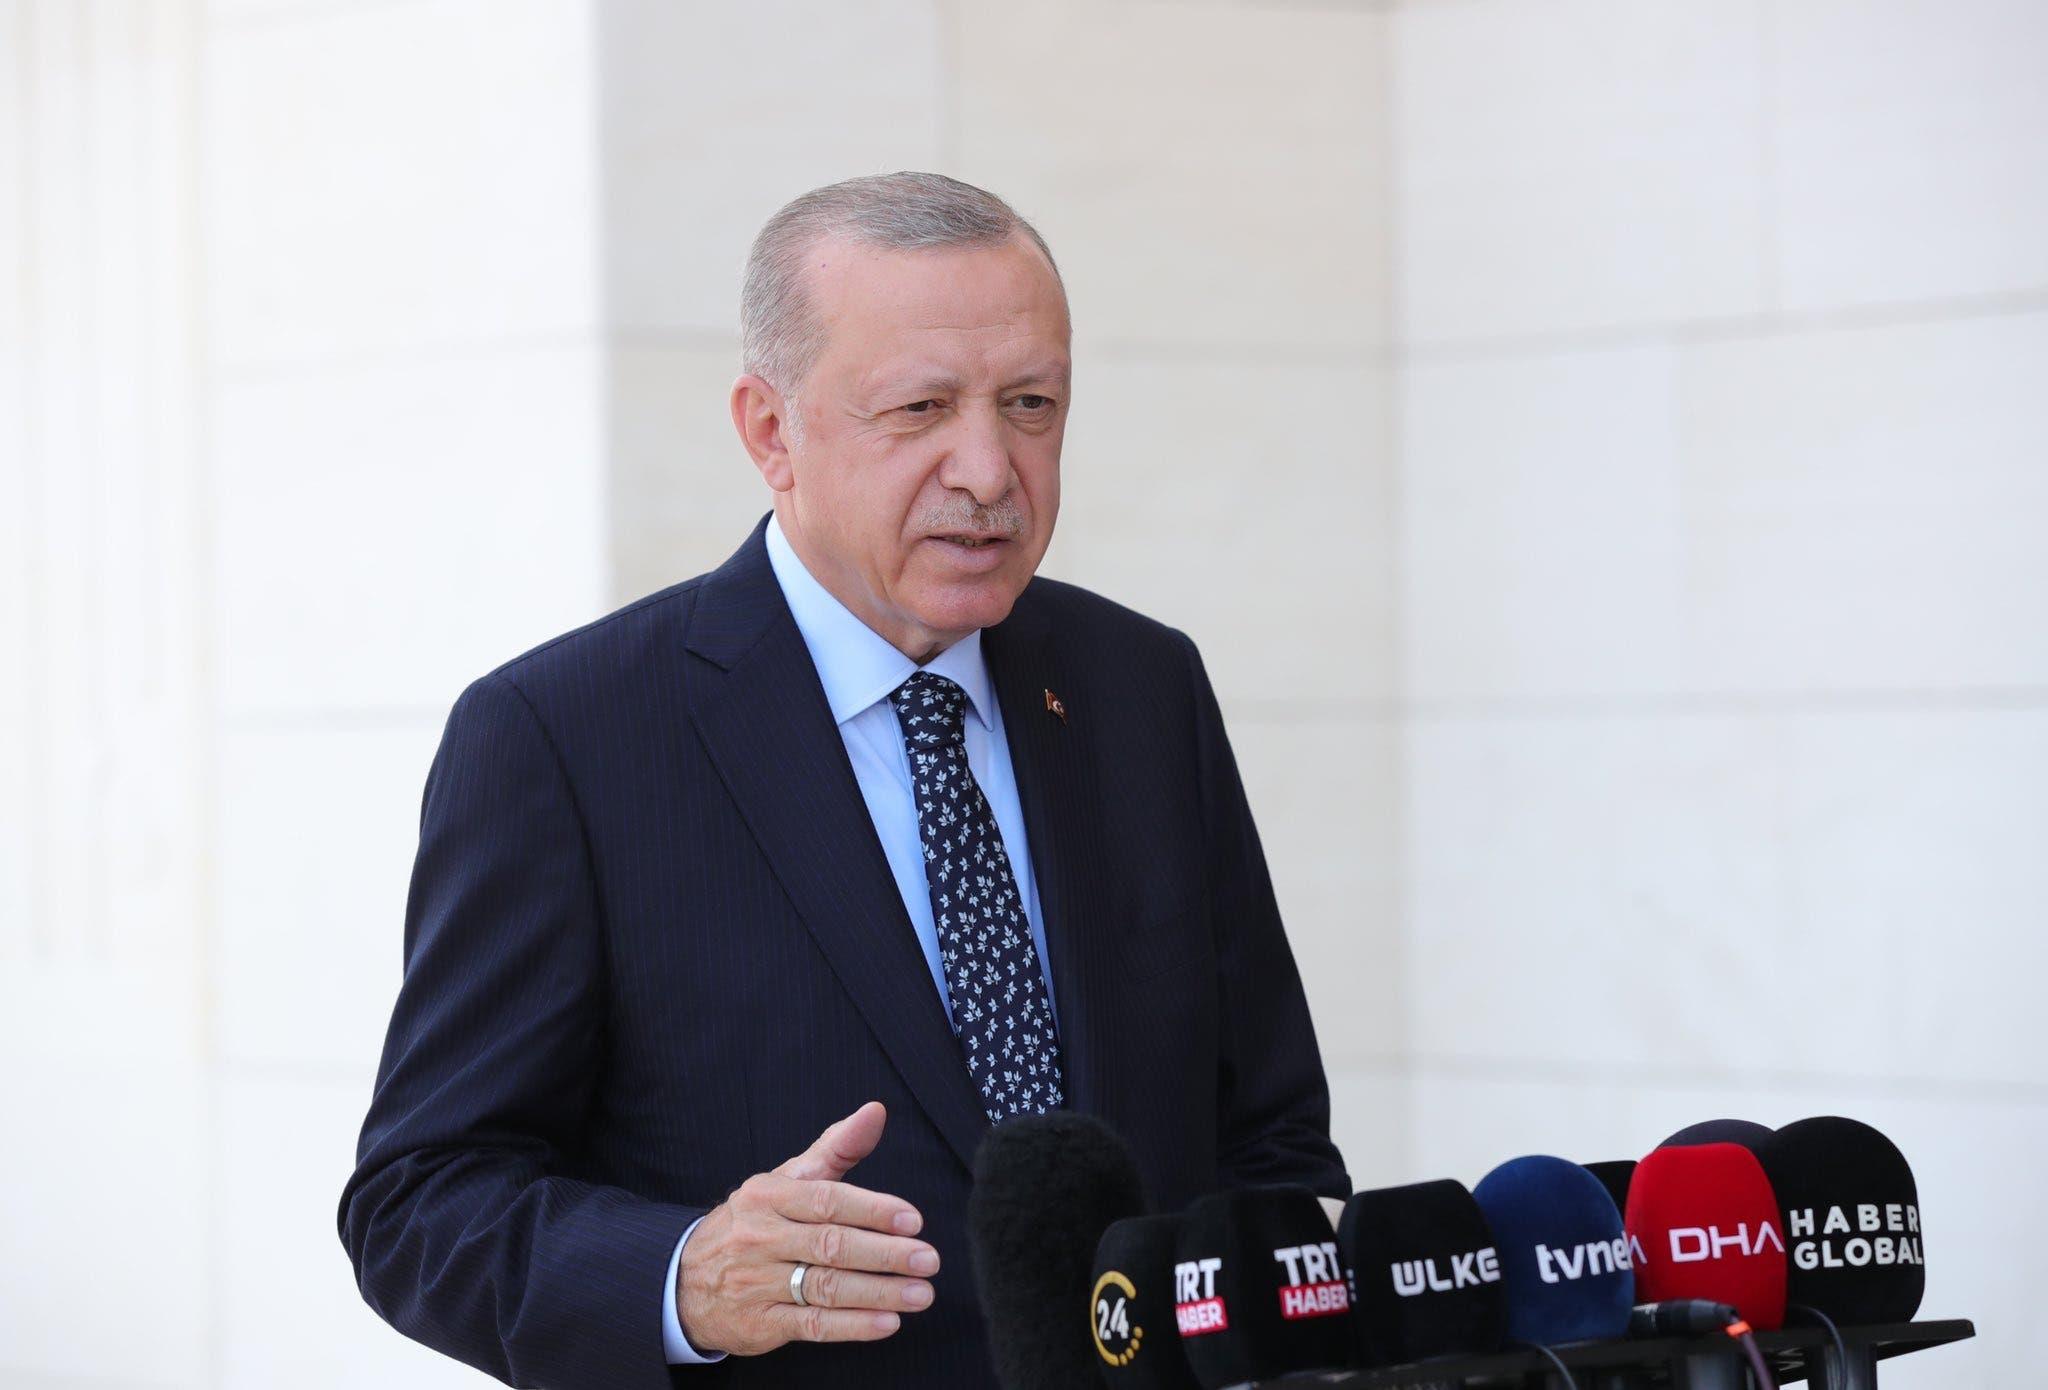 Madaxweyne Erdogan oo war kasoo saaray wada-hadallo ay la yeesheen Taalibaan